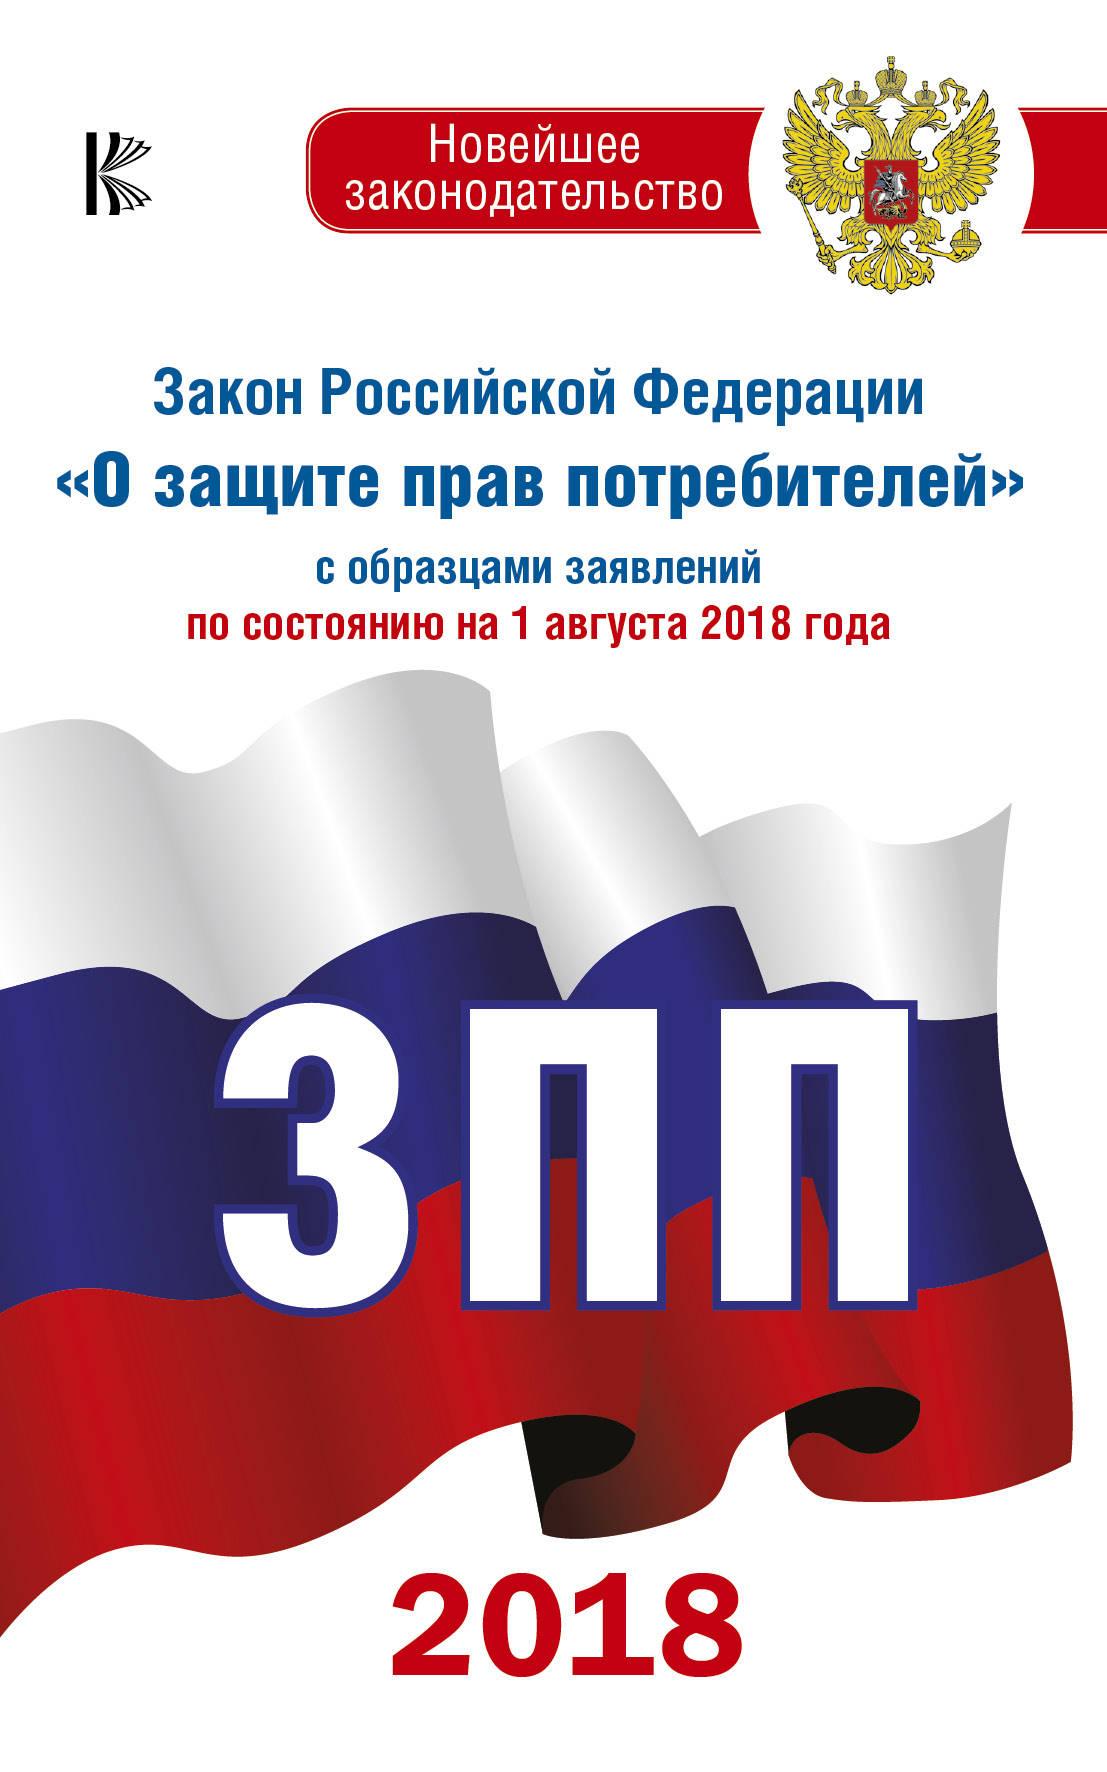 """Закон Российской Федерации """"О защите прав потребителей"""" с образцами заявлений по состоянию на 1 августа 2018 года"""